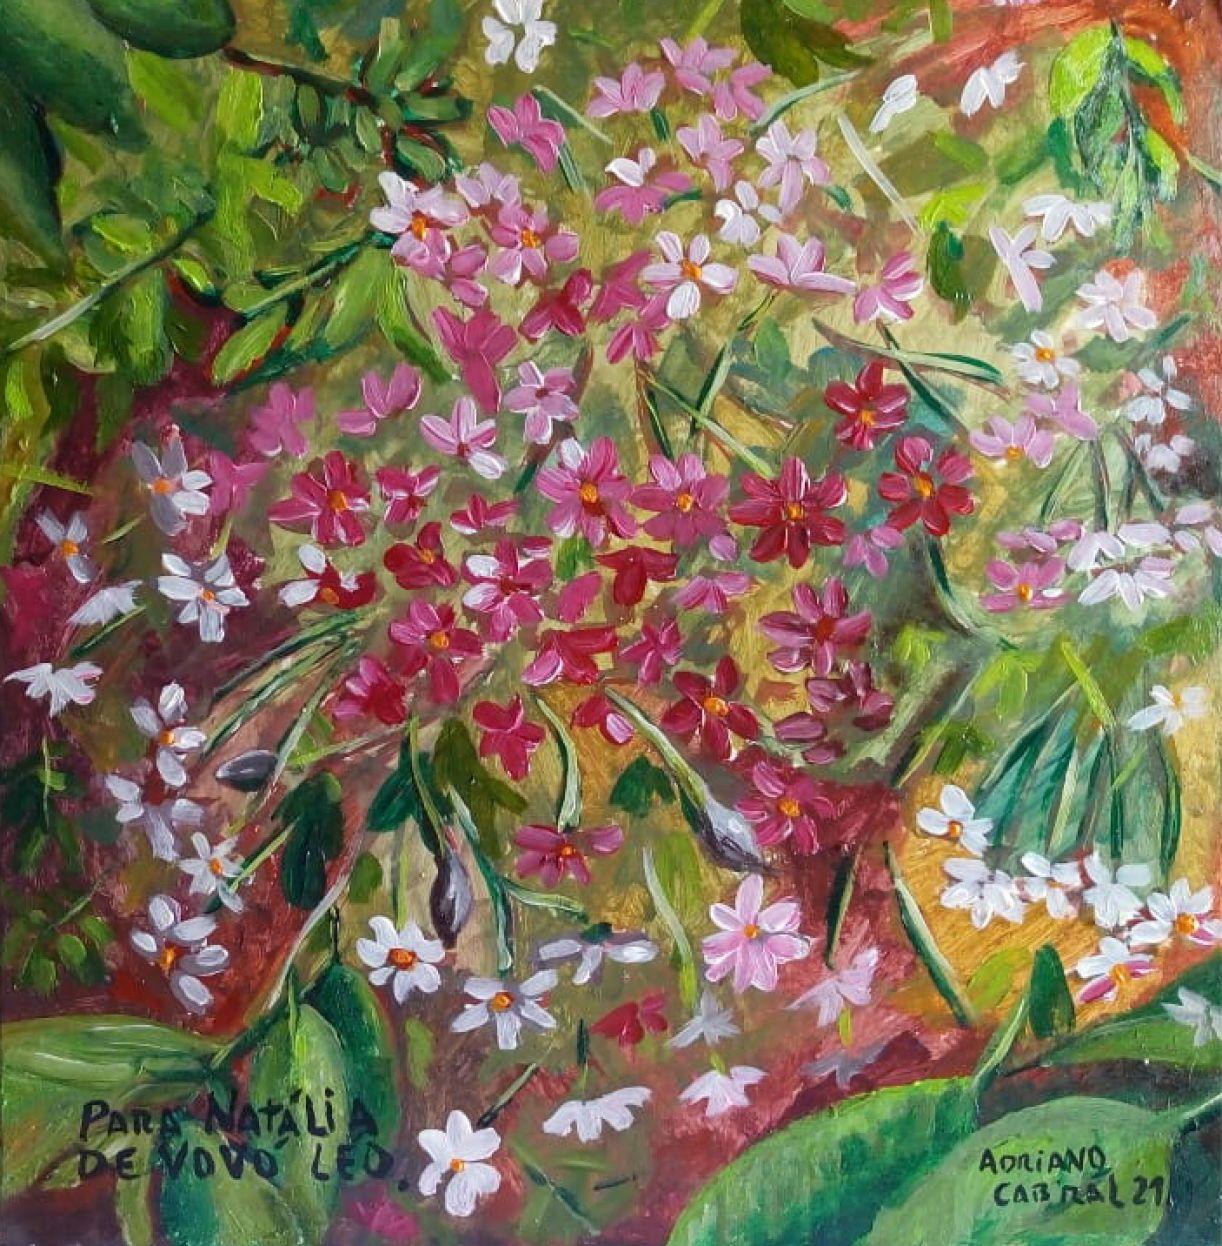 'Flores', acrílica sobre eucatex, 30 x 30cm, 2021